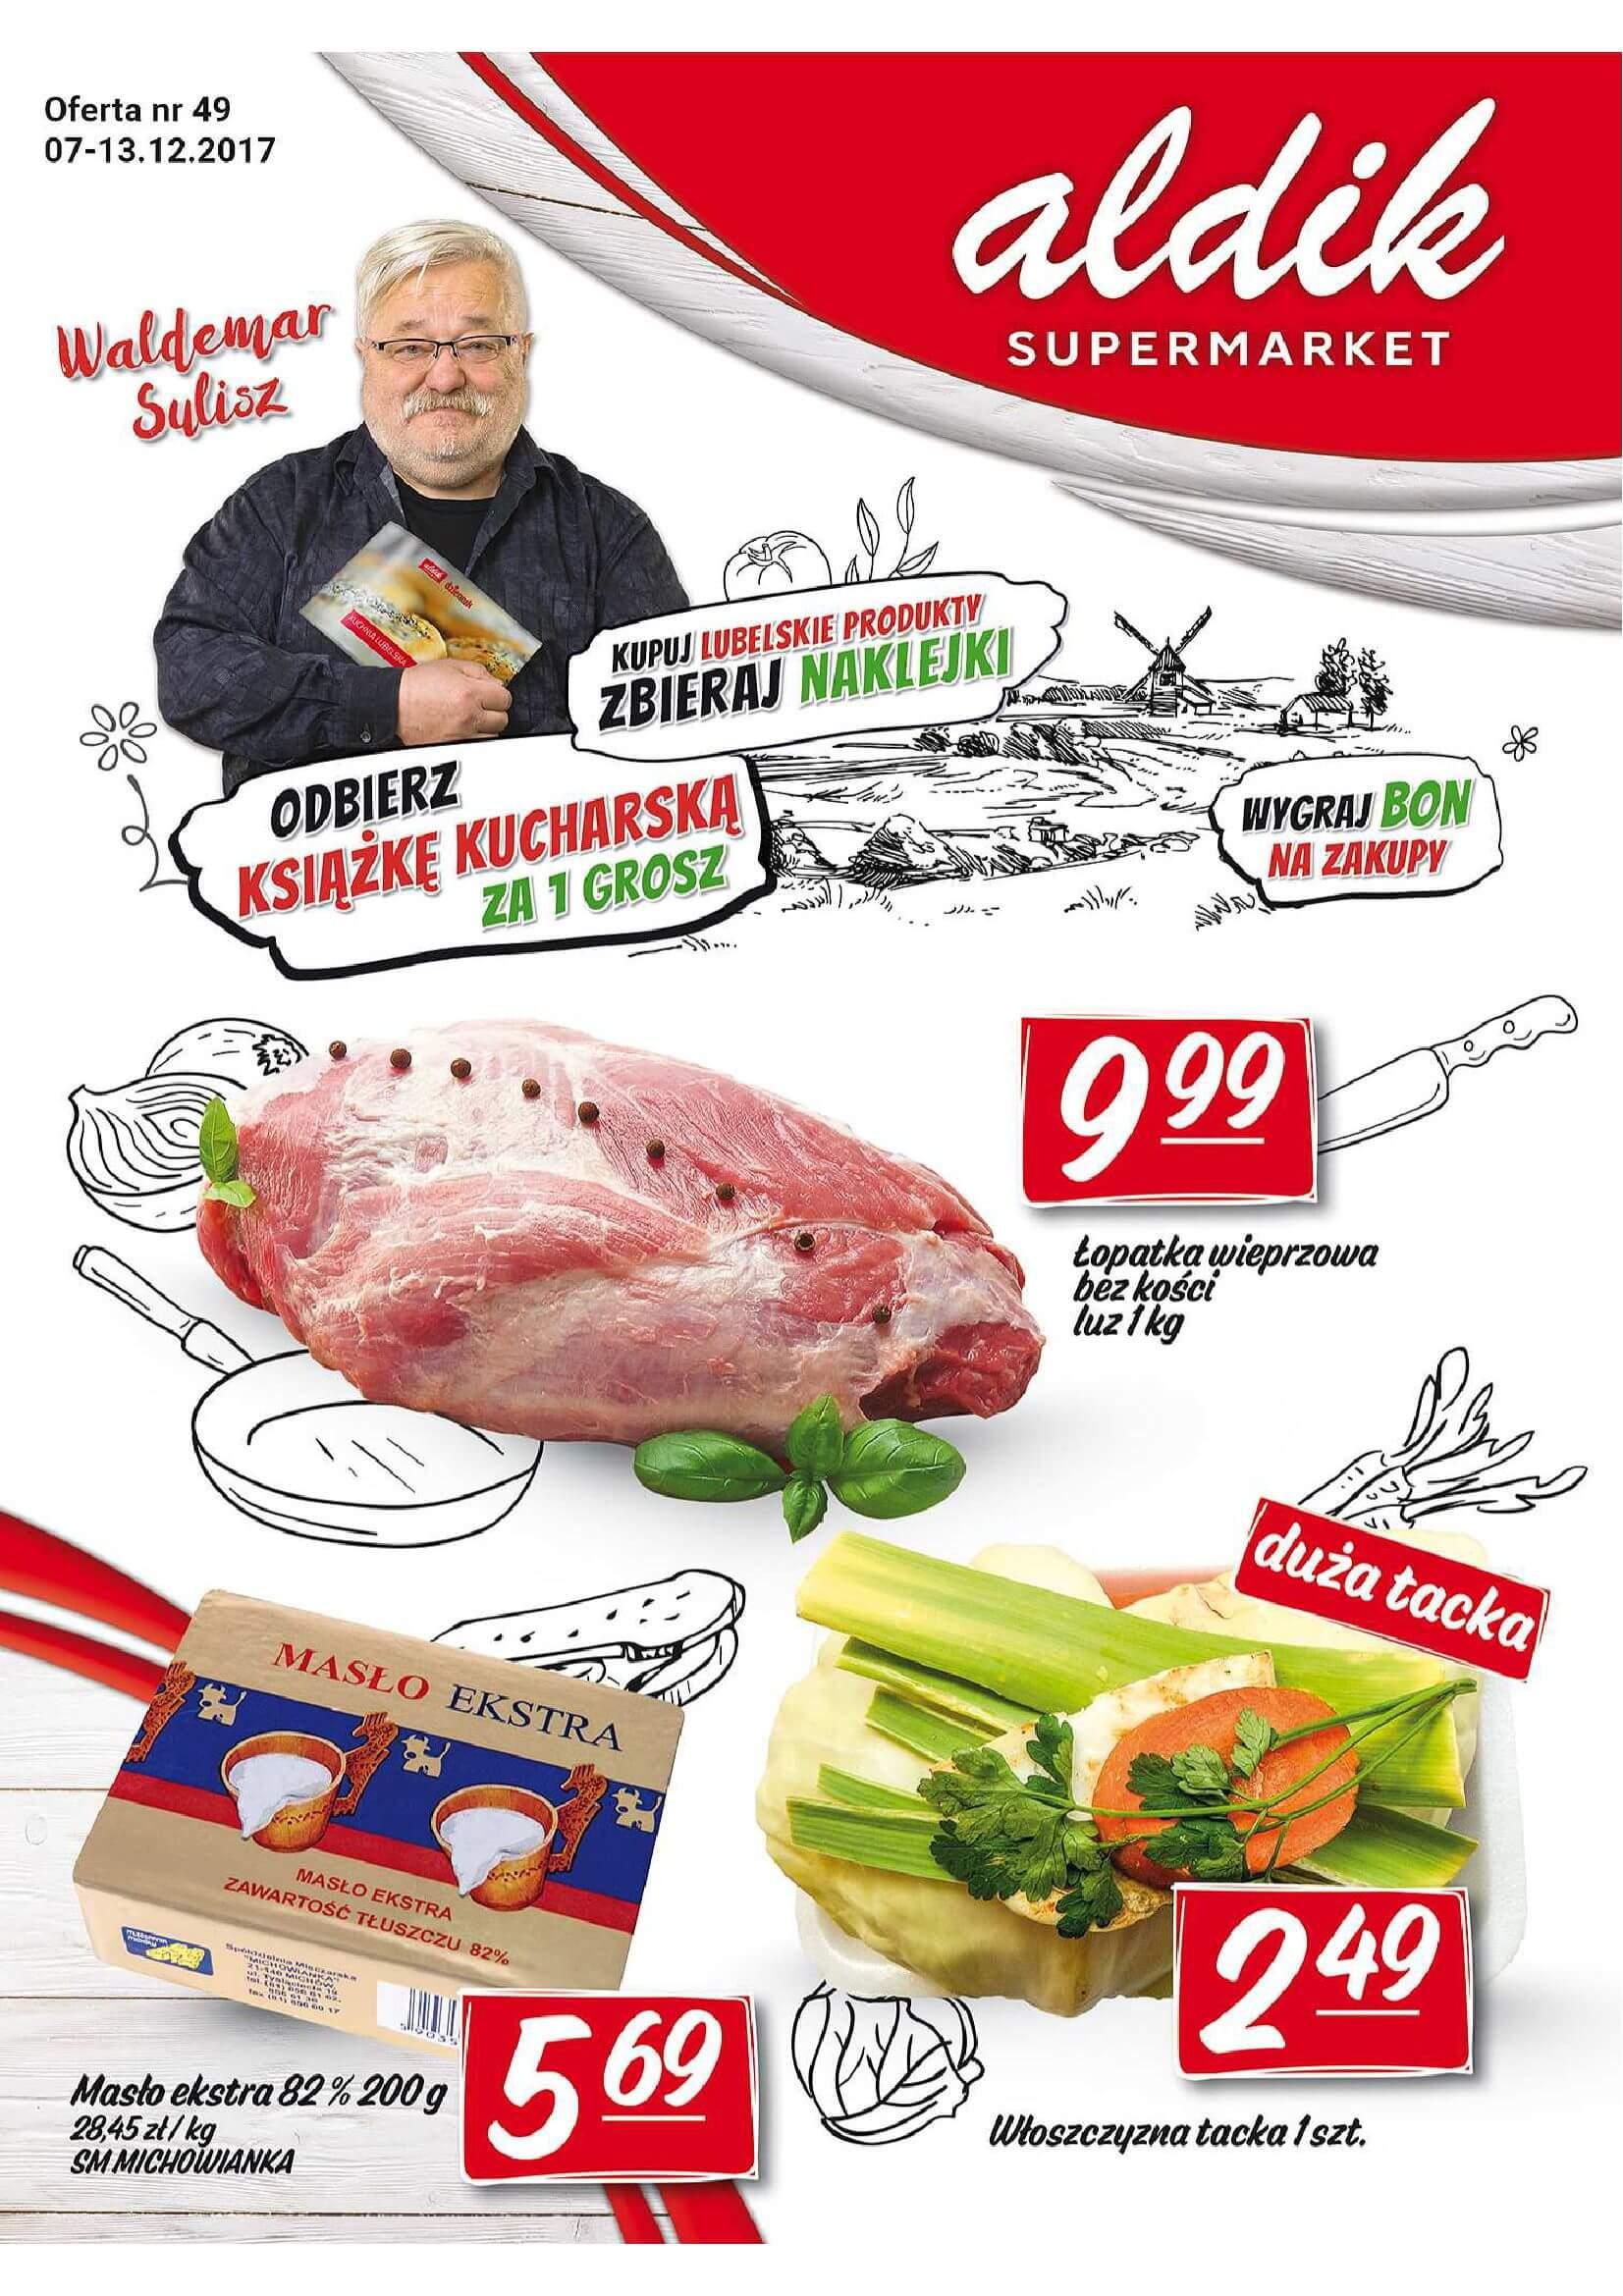 Gazetka Aldik - Oferta na artykuły spożywcze-06.12.2017-13.12.2017-page-1